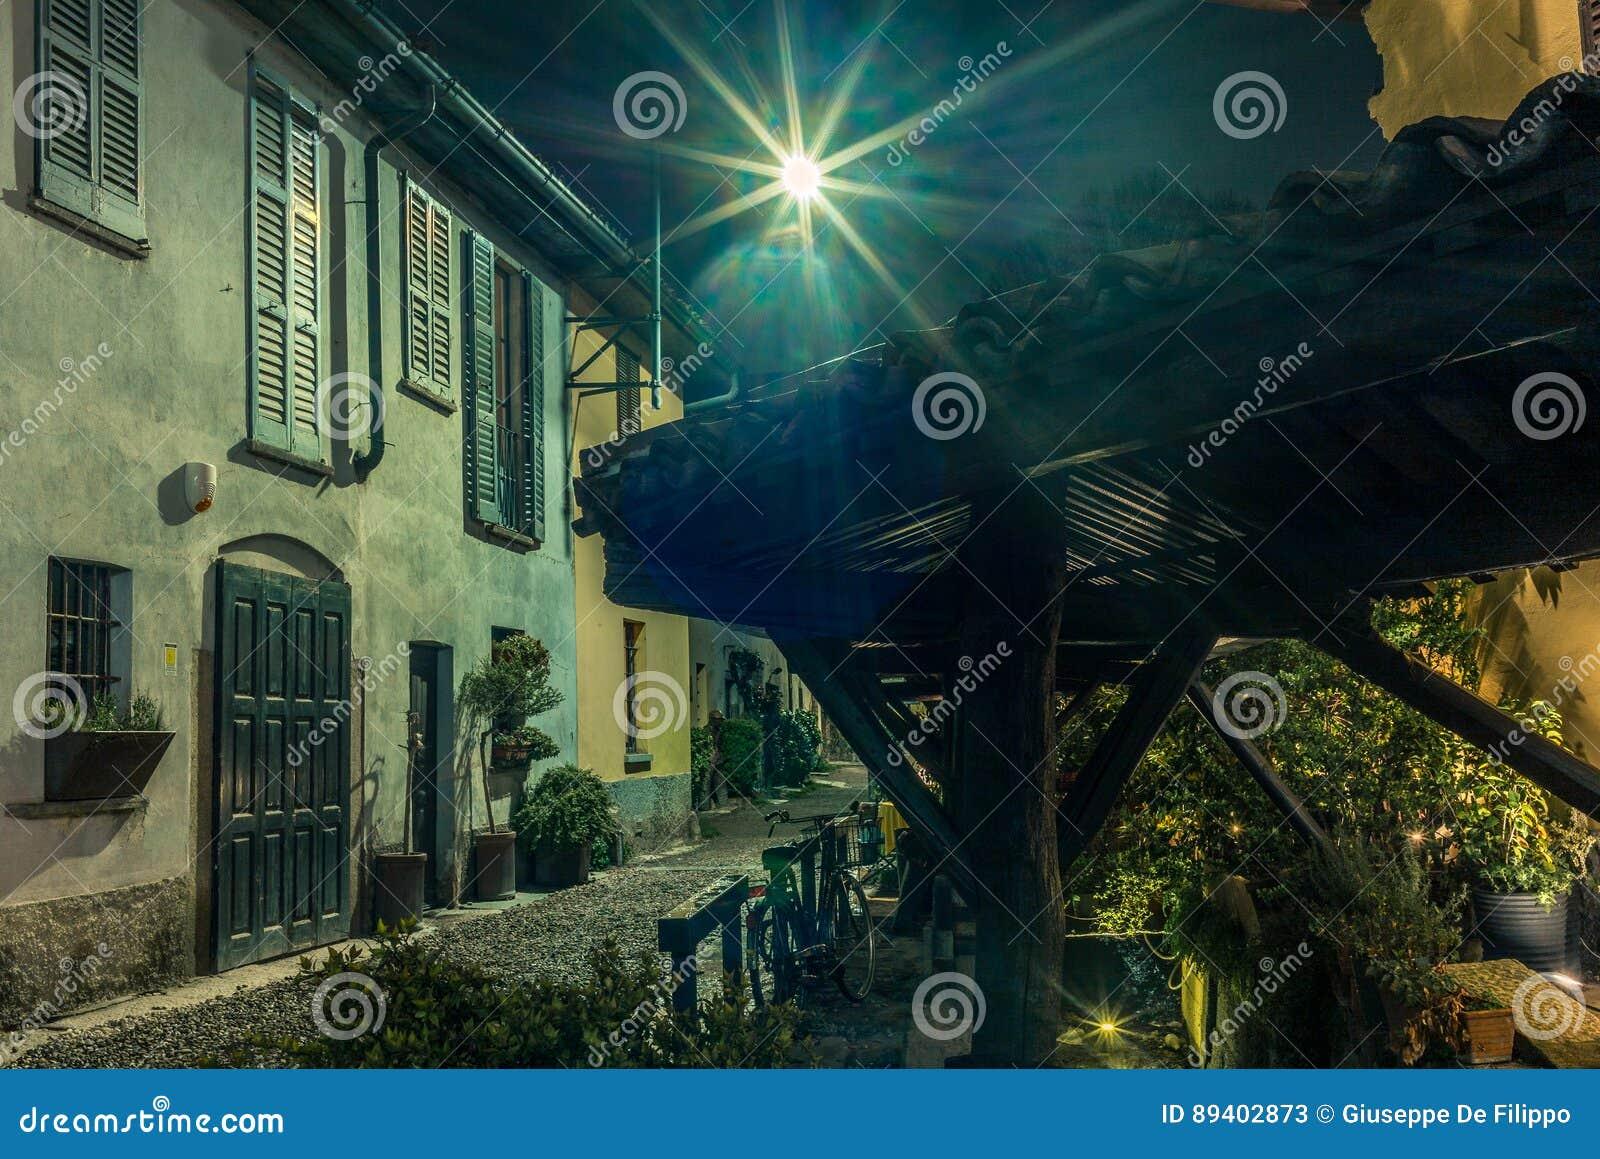 Rua medieval velha em Milão na noite - 2